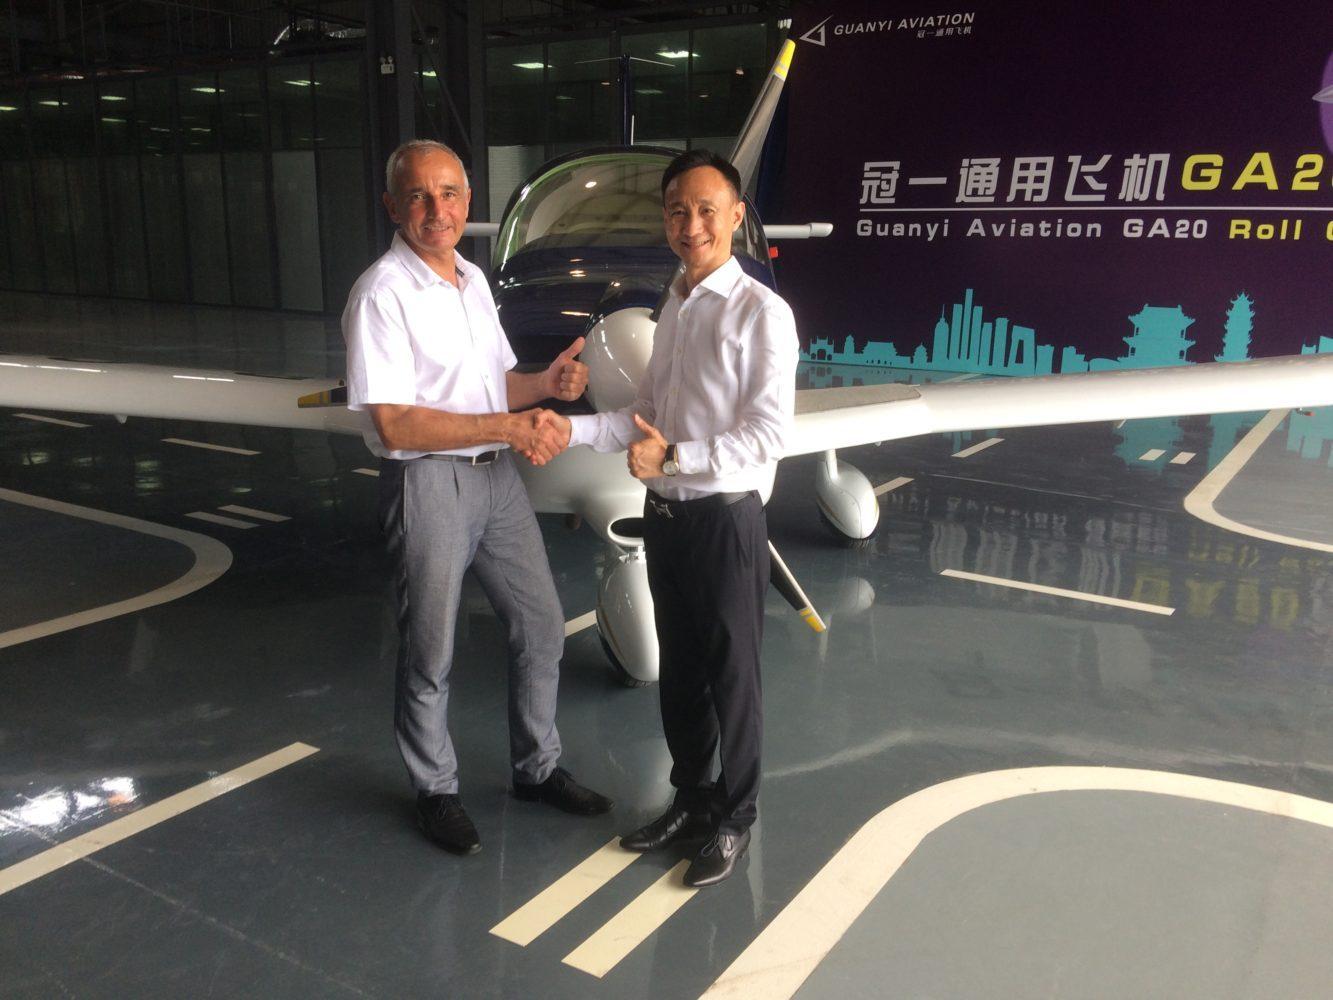 roll out GA20 guanyi aviation